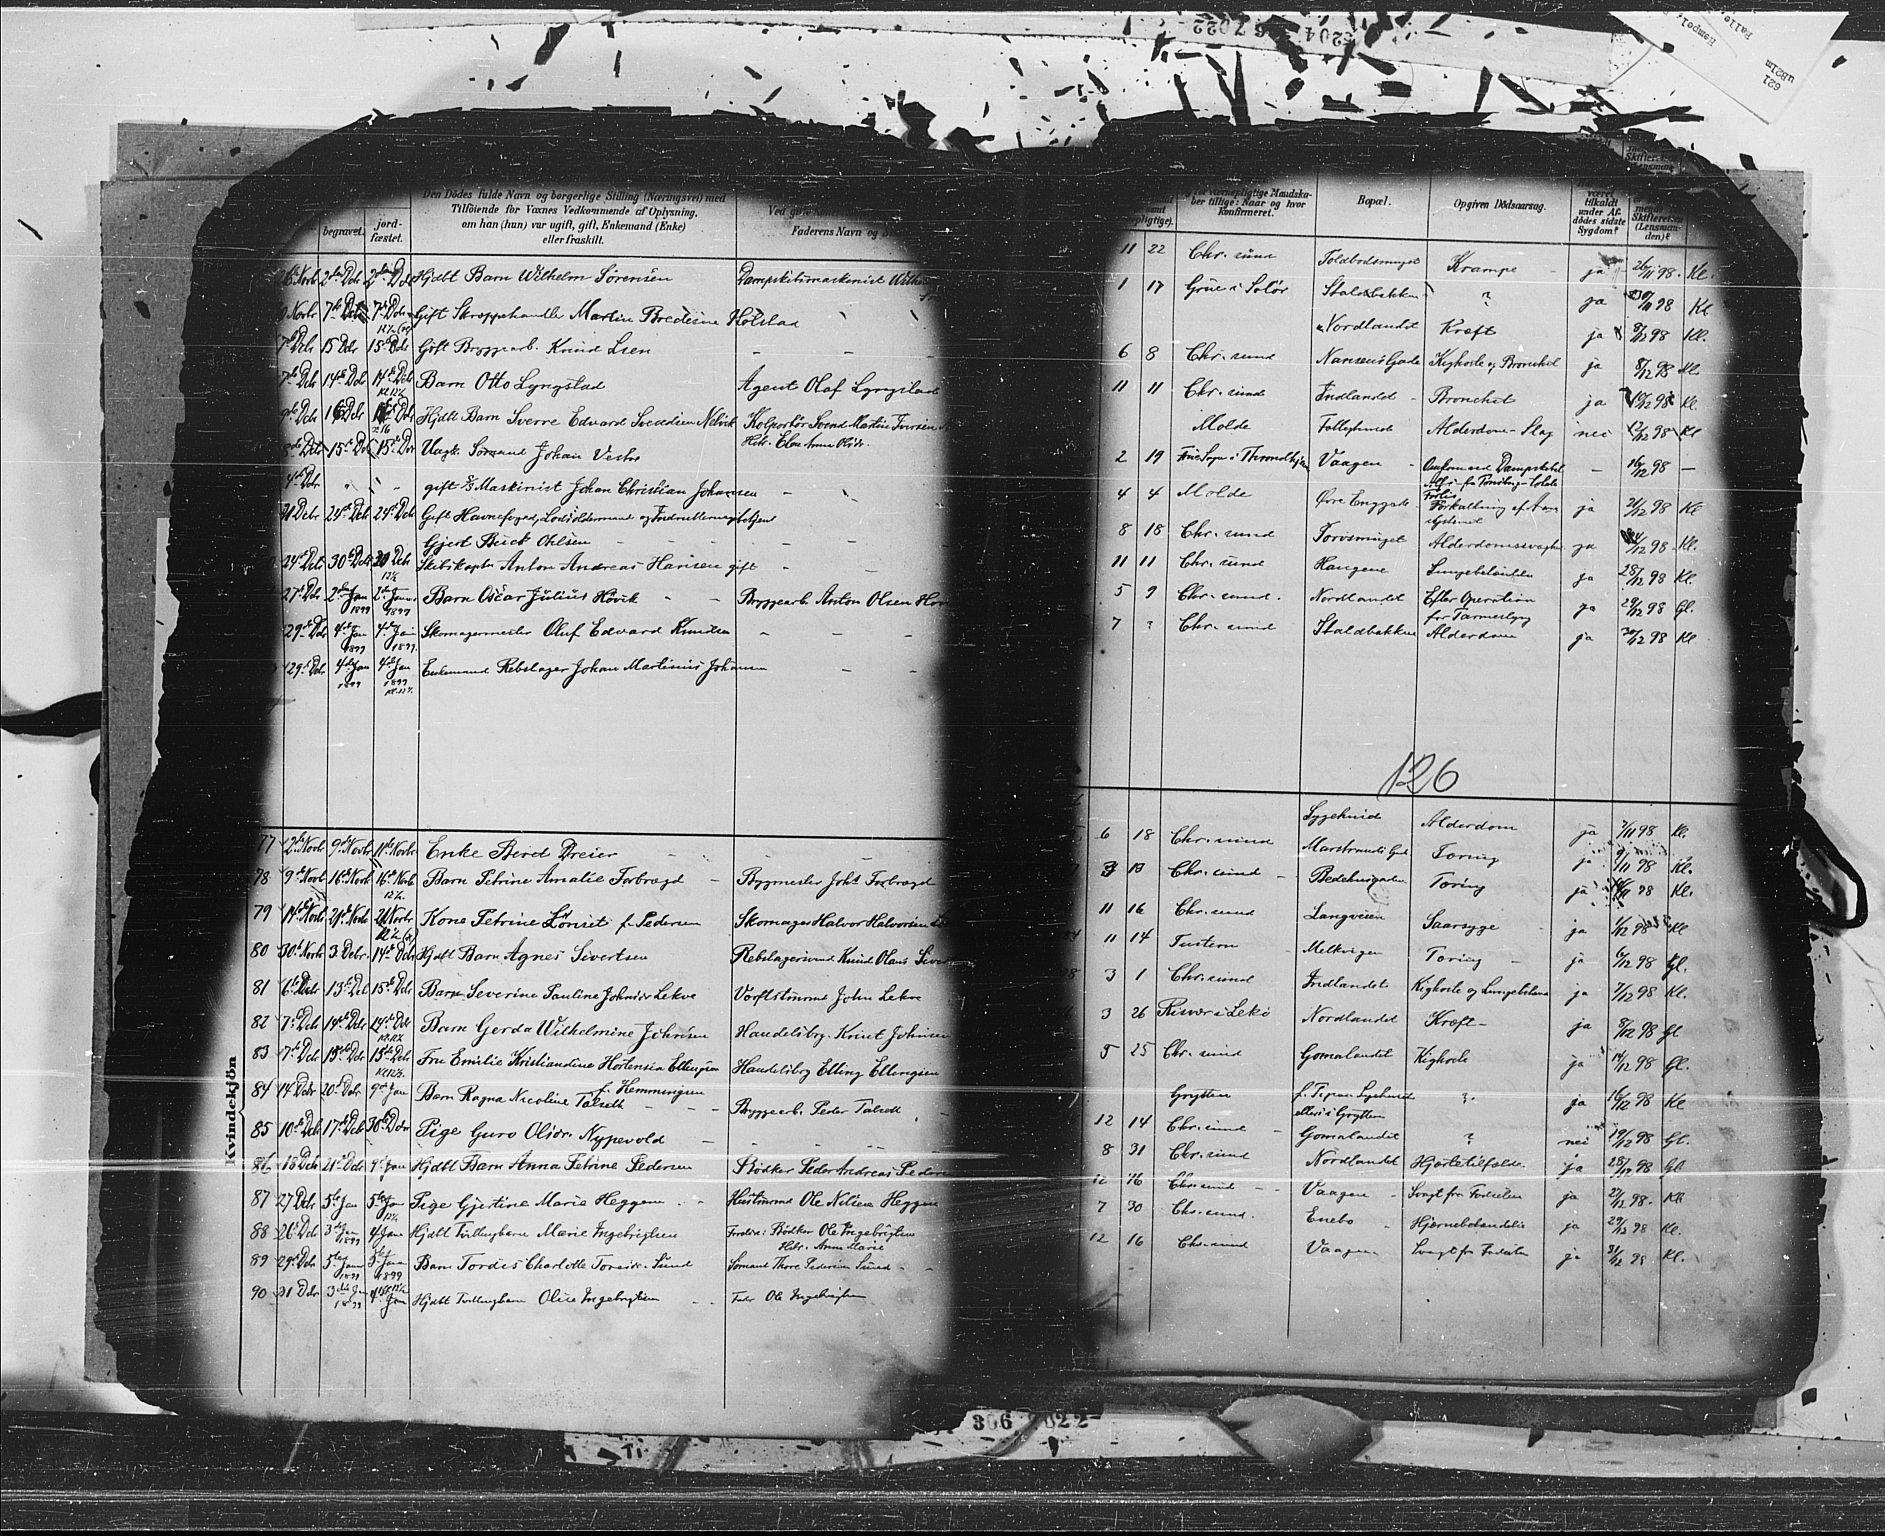 SAT, Ministerialprotokoller, klokkerbøker og fødselsregistre - Møre og Romsdal, 572/L0853: Ministerialbok nr. 572A16, 1880-1901, s. 126